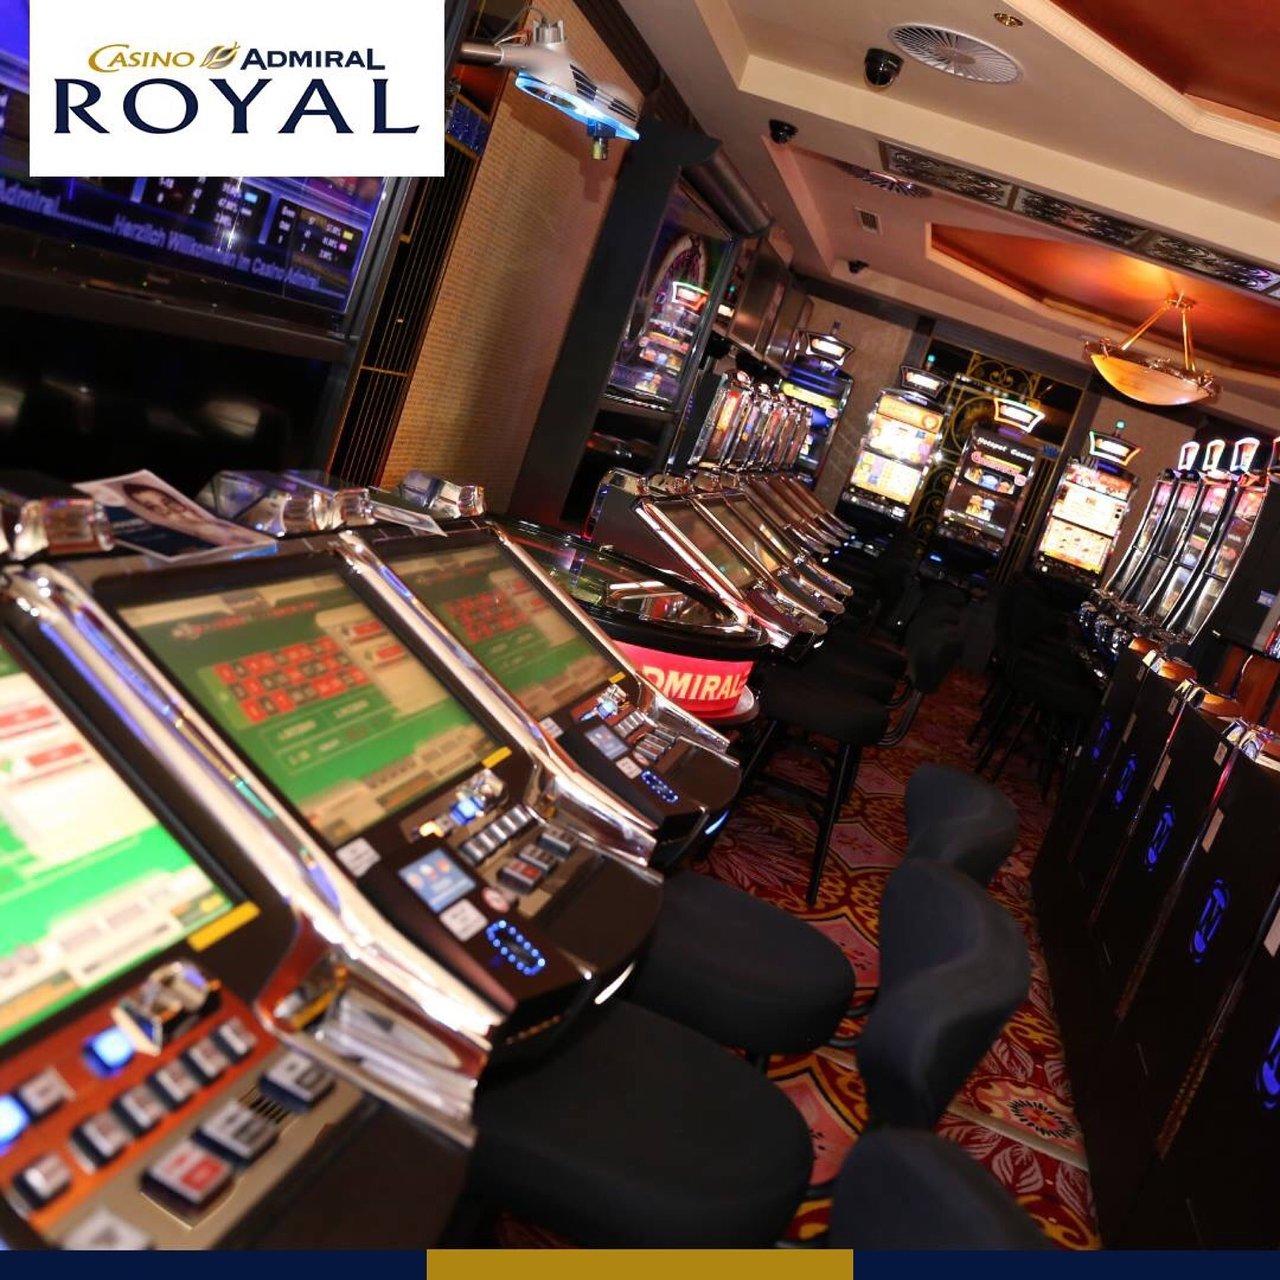 casino royal admiral